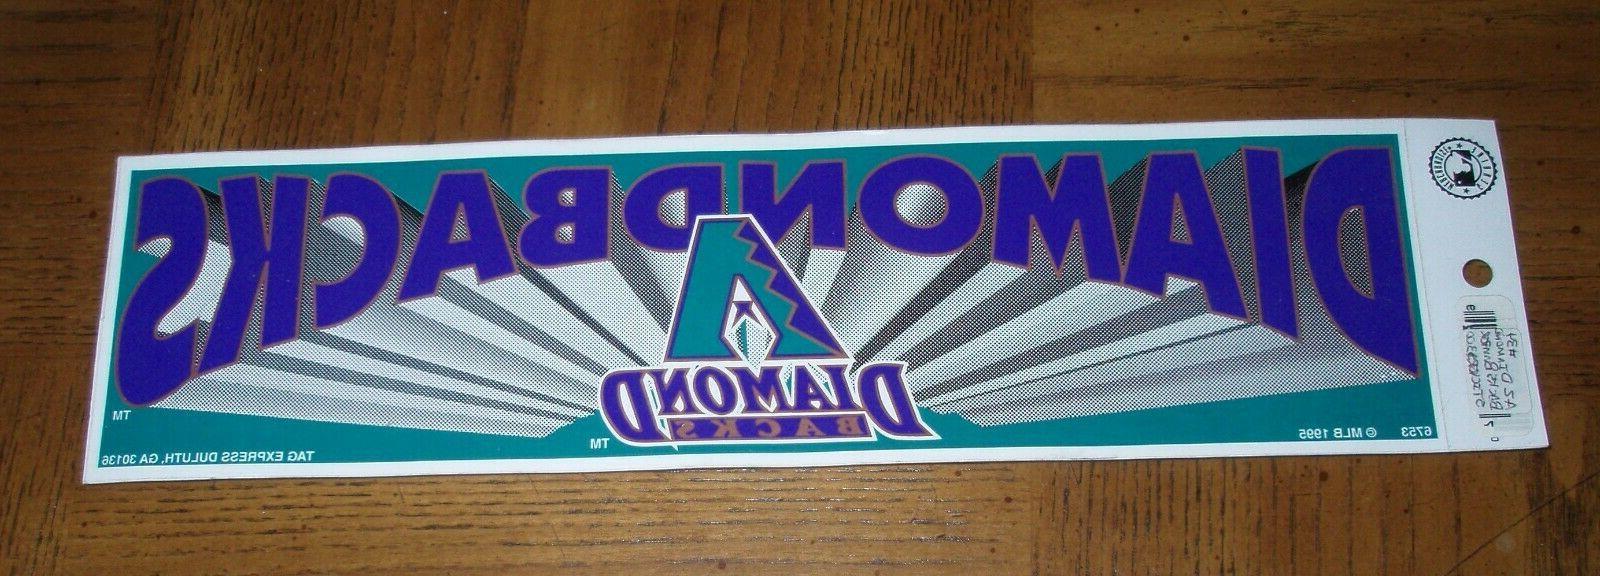 vintage arizona diamondbacks bumper sticker the purple